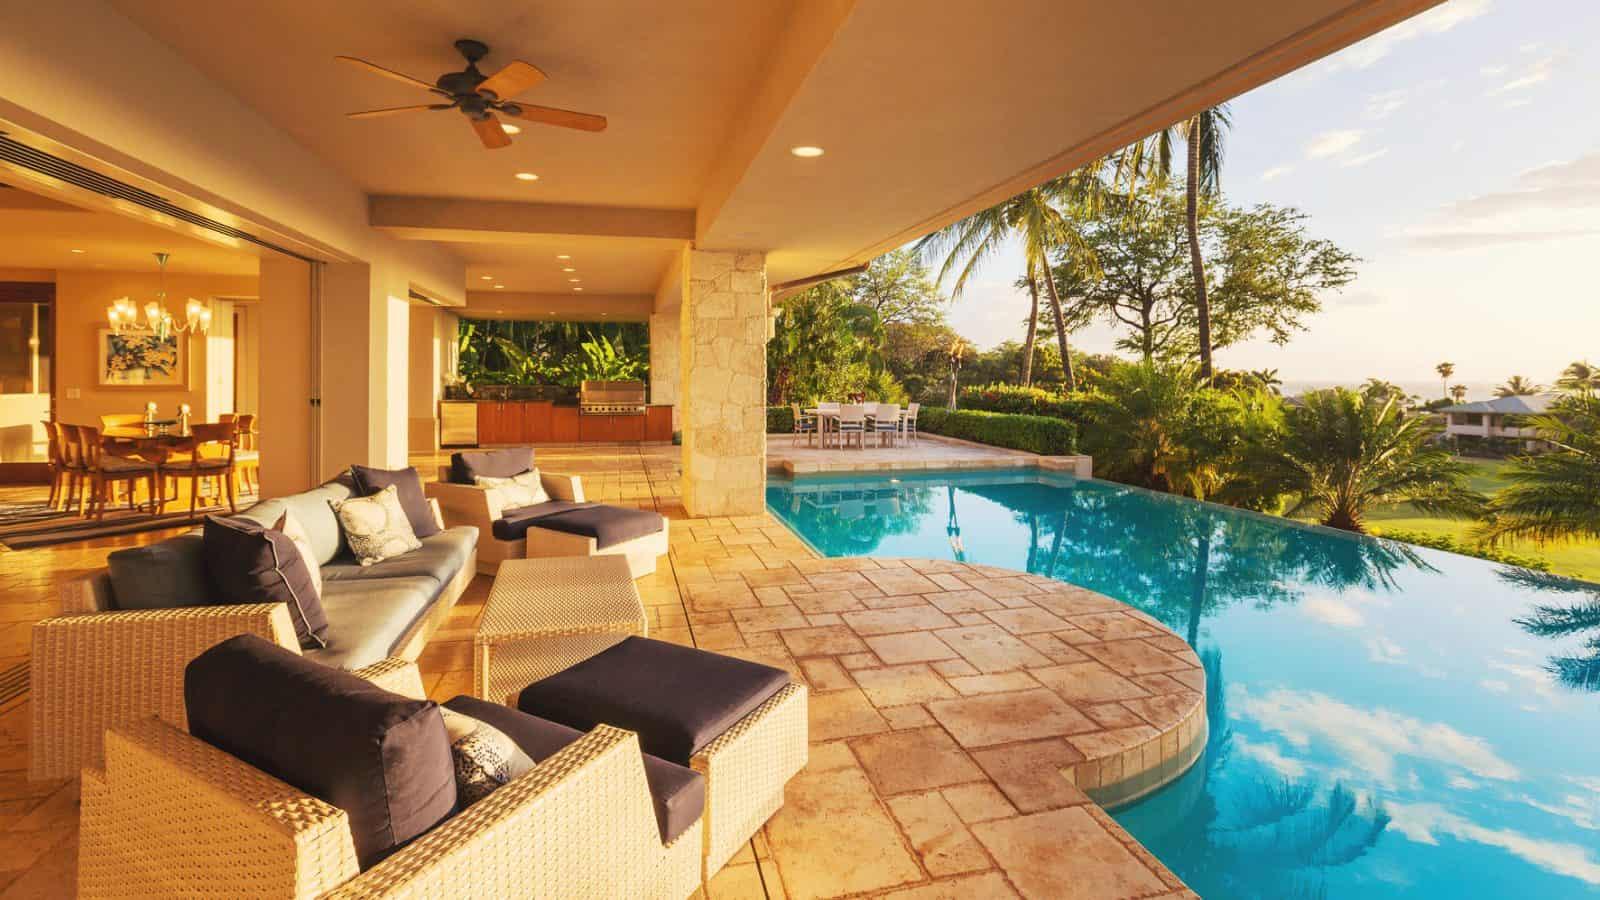 Luxury Corona Homes for Sale